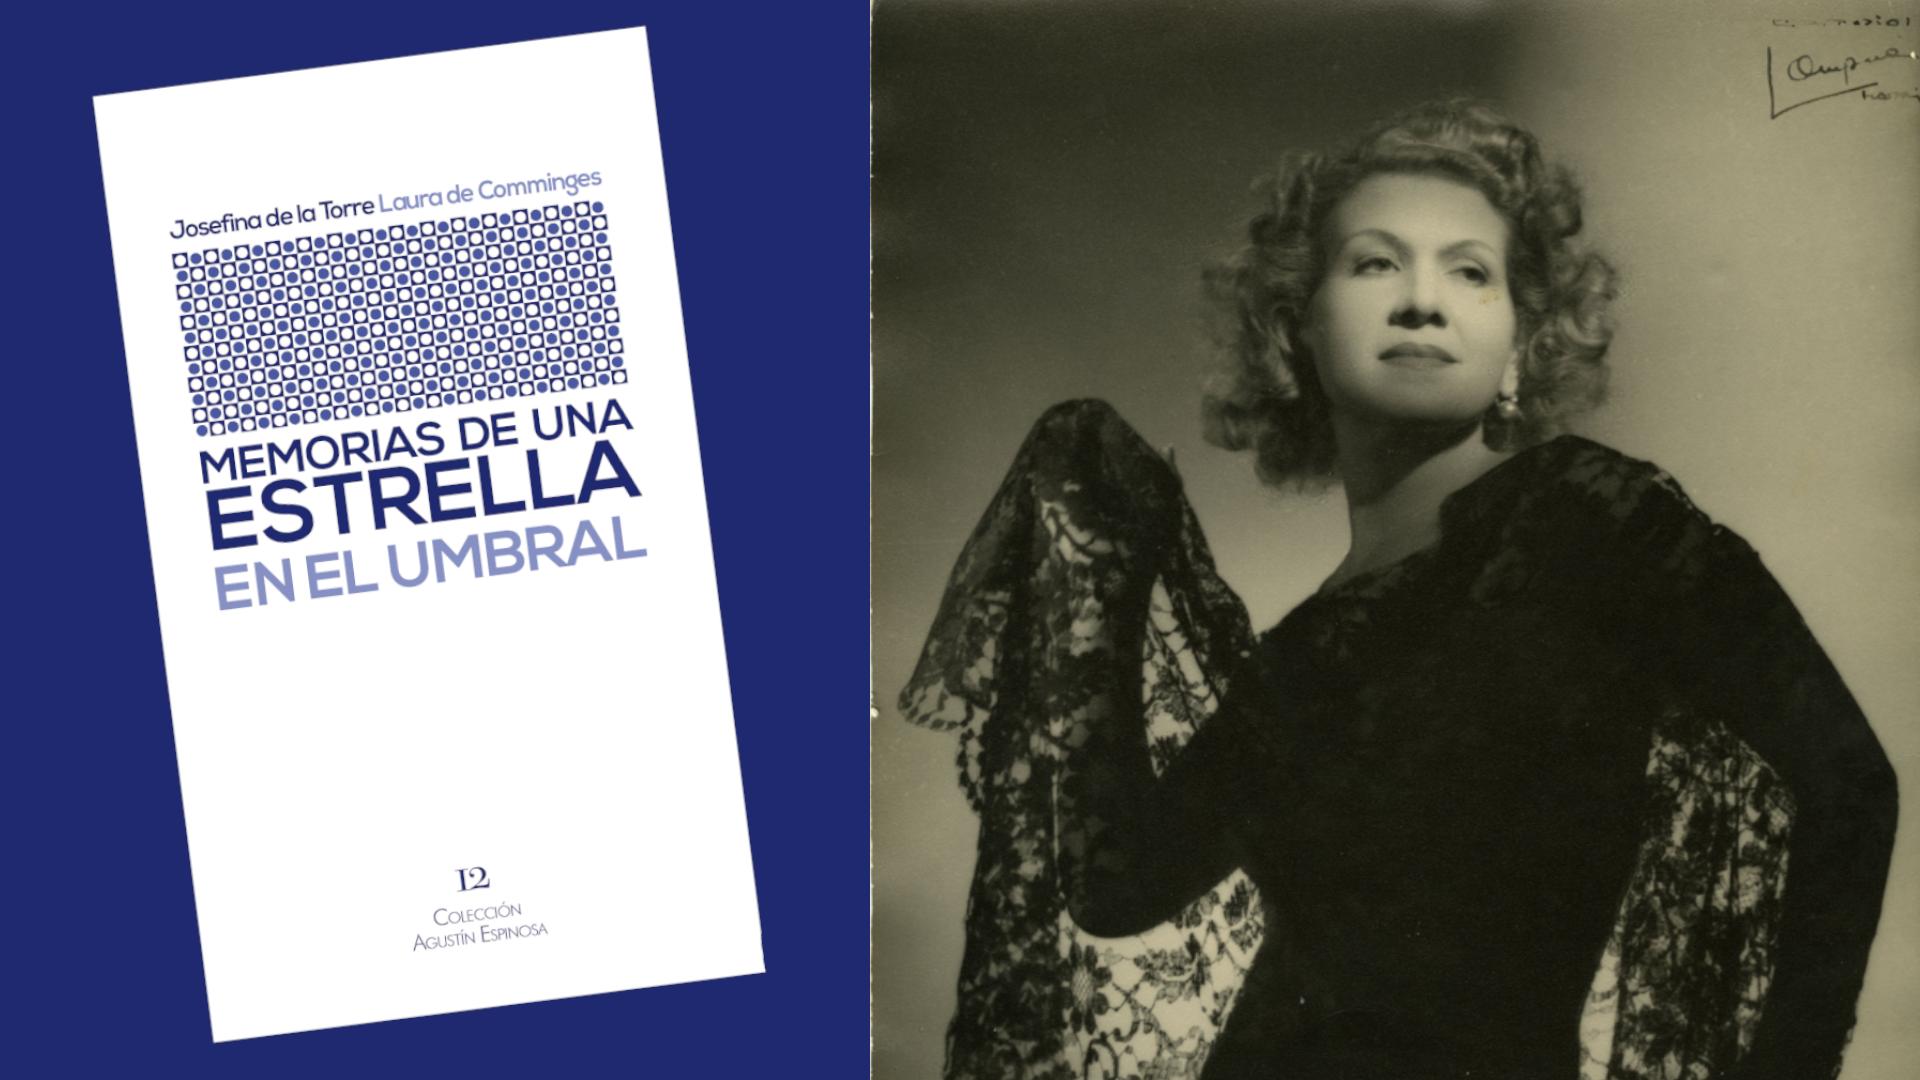 Reeditada Memorias de una estrella, de Josefina de la Torre, 66 años después